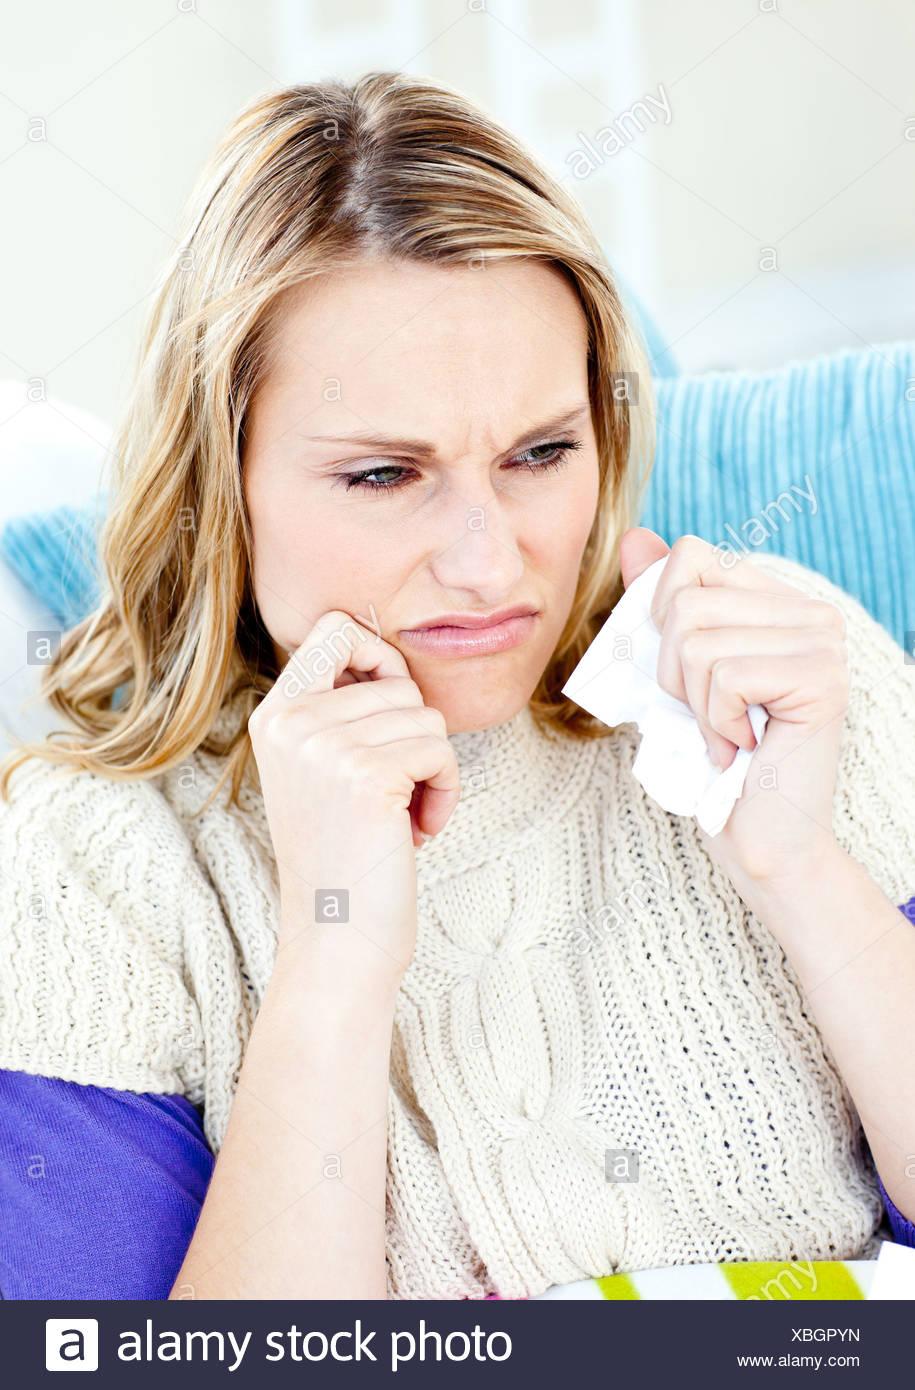 Downcast femme couchée sur un canapé avec des tissus Photo Stock